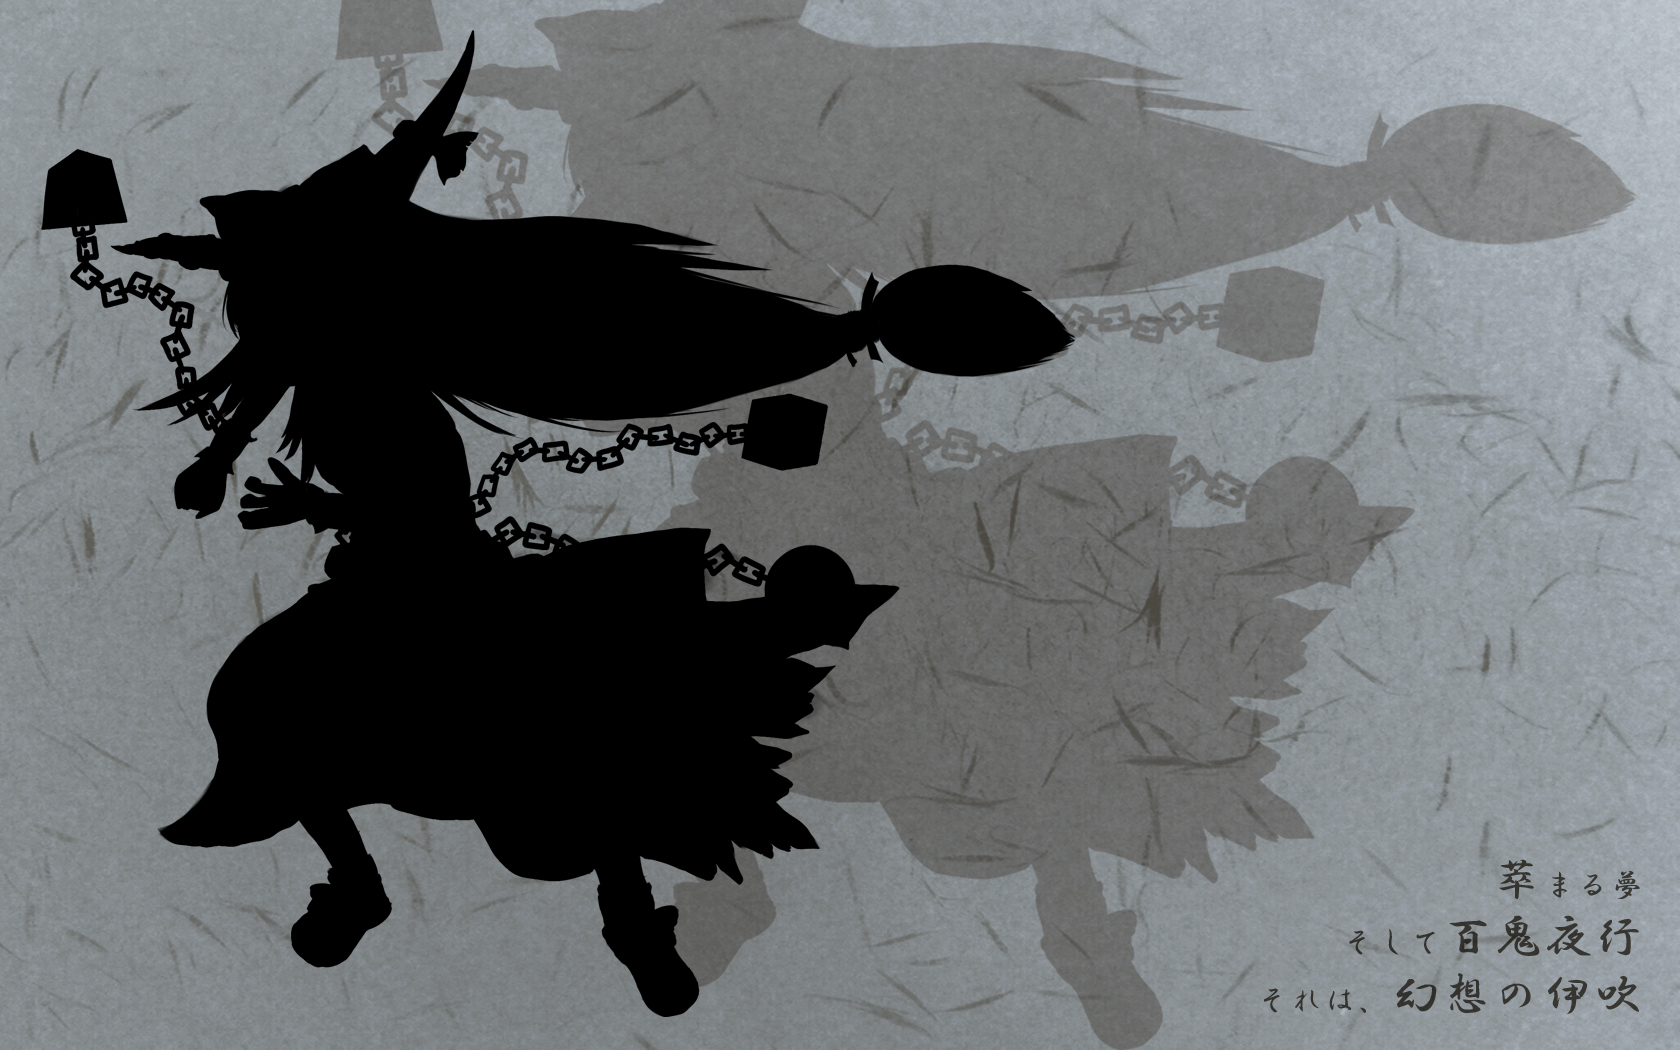 伊吹 (空母)の画像 p1_39